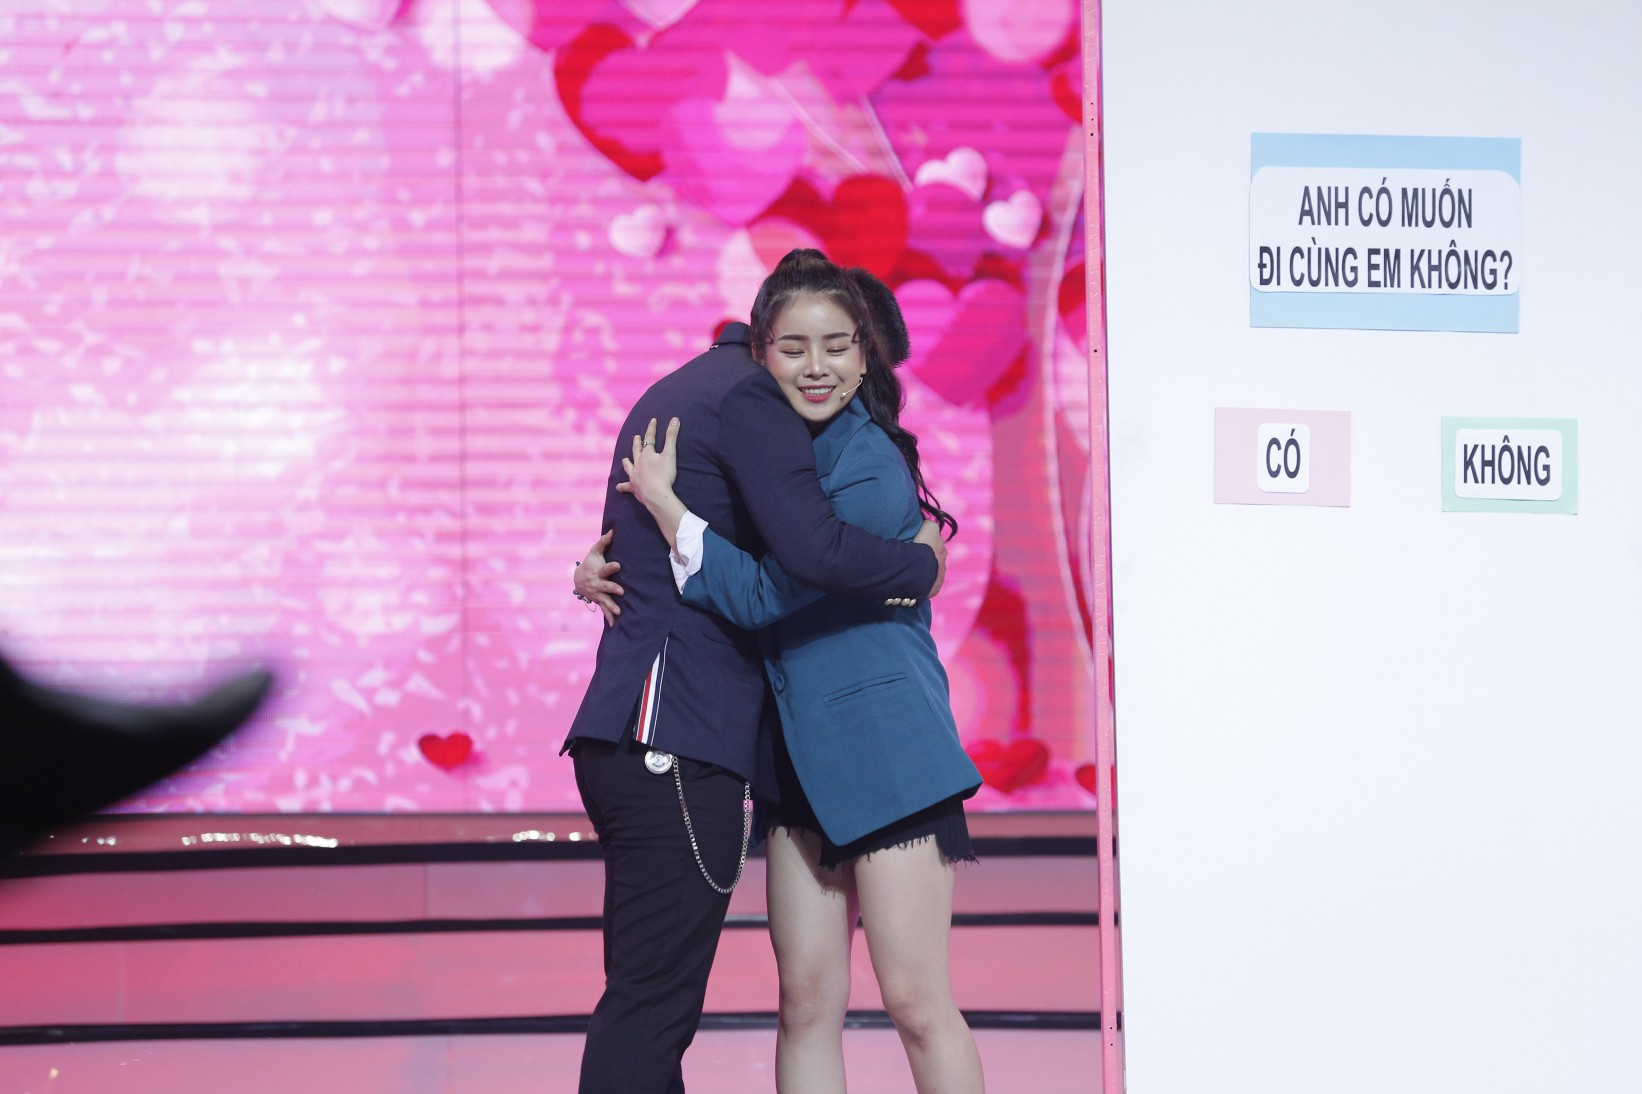 Vì yêu mà đến: Bay từ Hàn Quốc về tỏ tình, cô gái này và khán giả vẫn chưa được biết câu trả lời cuối cùng! - Ảnh 9.